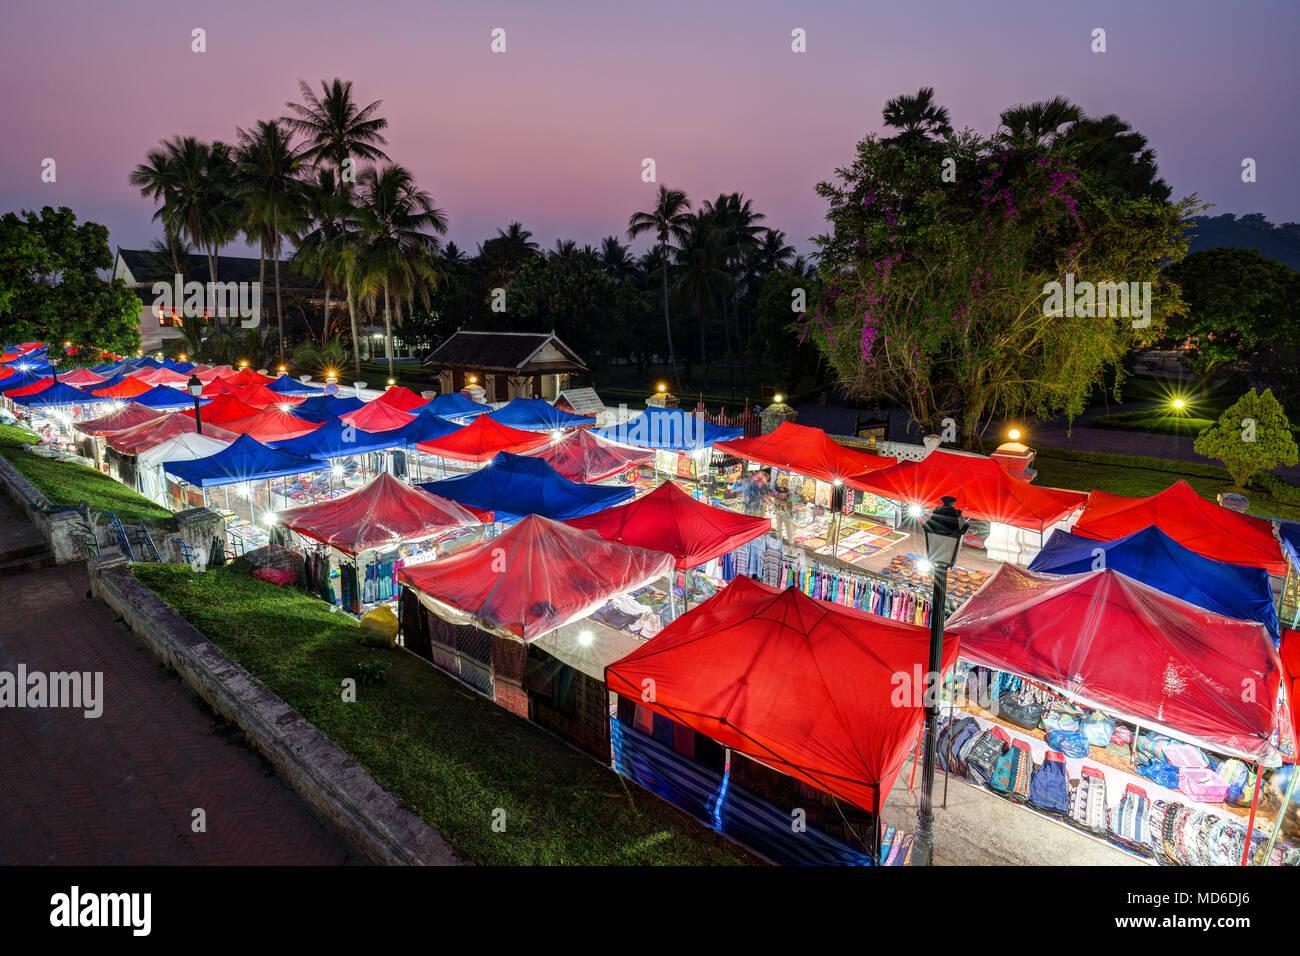 De nombreux étals éclairés au marché de nuit à Luang Prabang, Laos, vus du dessus au crépuscule. Photo Stock